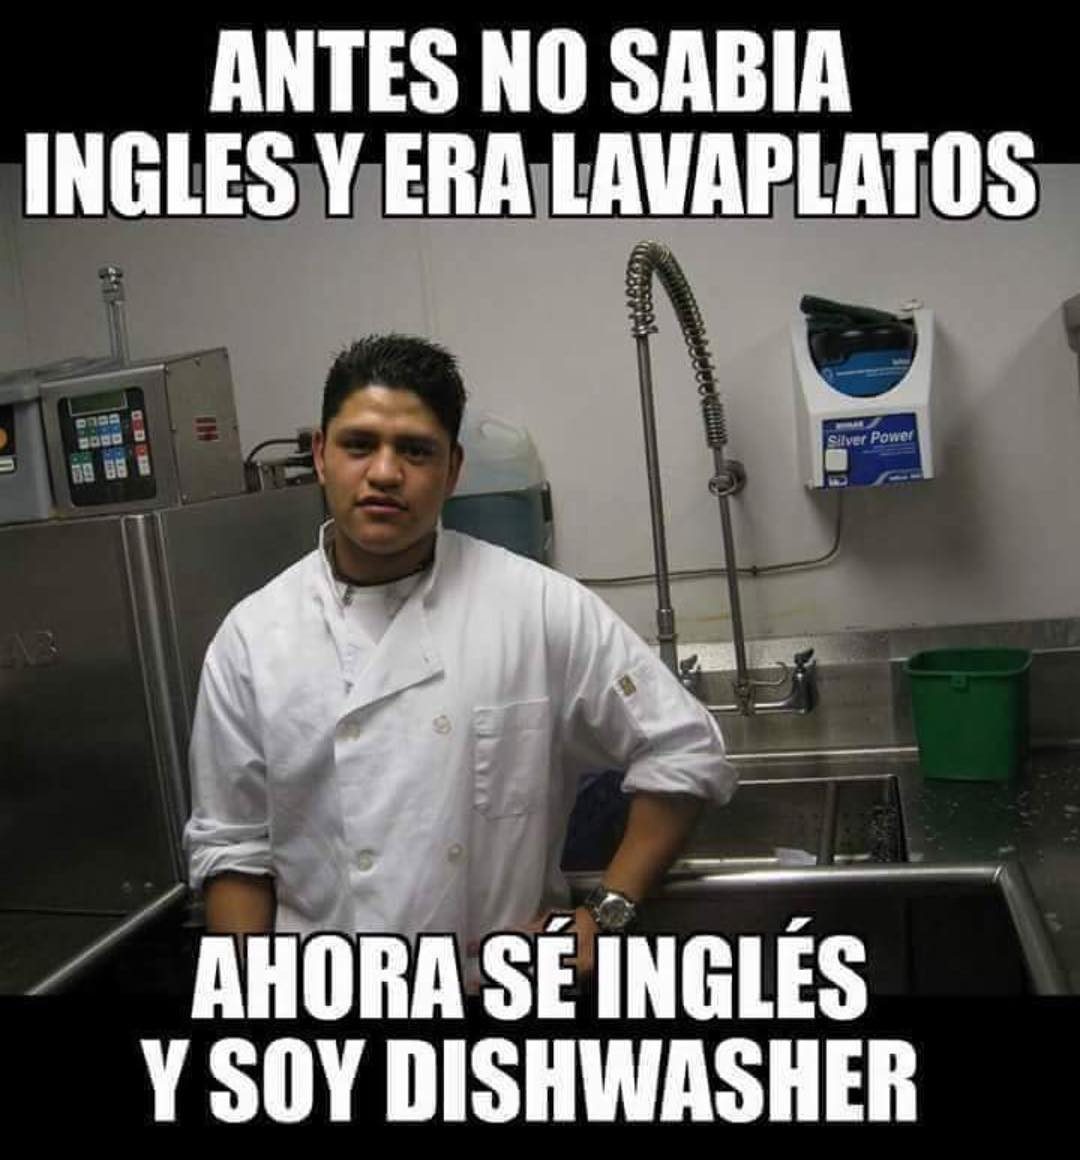 Antes no sabía inglés y era lavaplatos.  Ahora sé inglés y soy dishwasher.